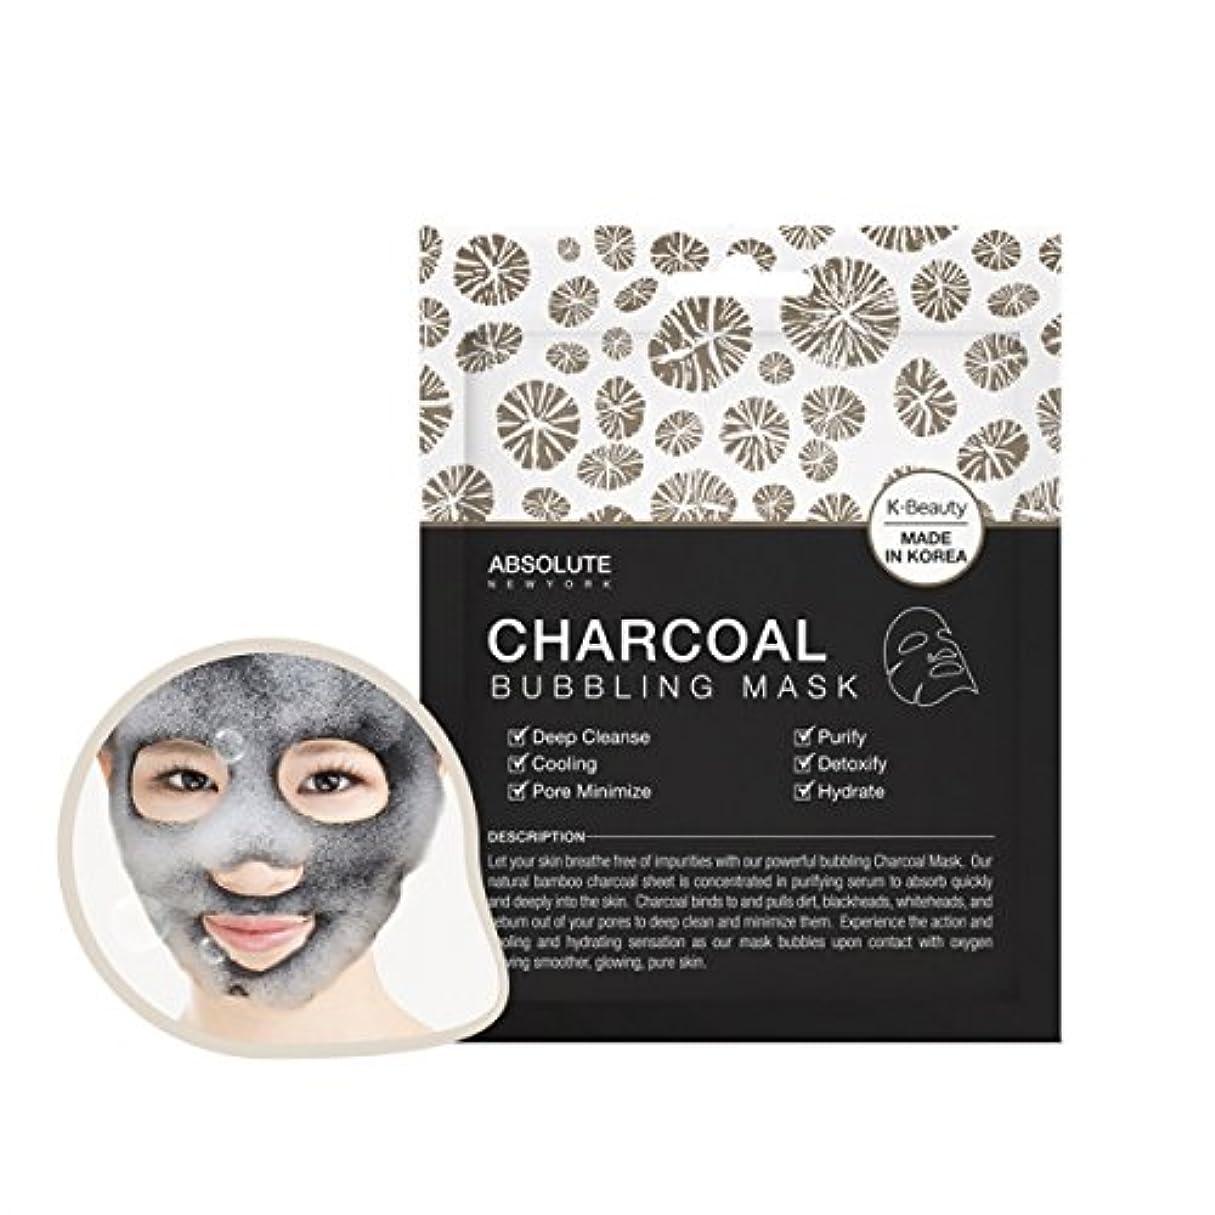 意志に反するチューリップあえて(6 Pack) ABSOLUTE Charcoal Bubbling Mask (並行輸入品)